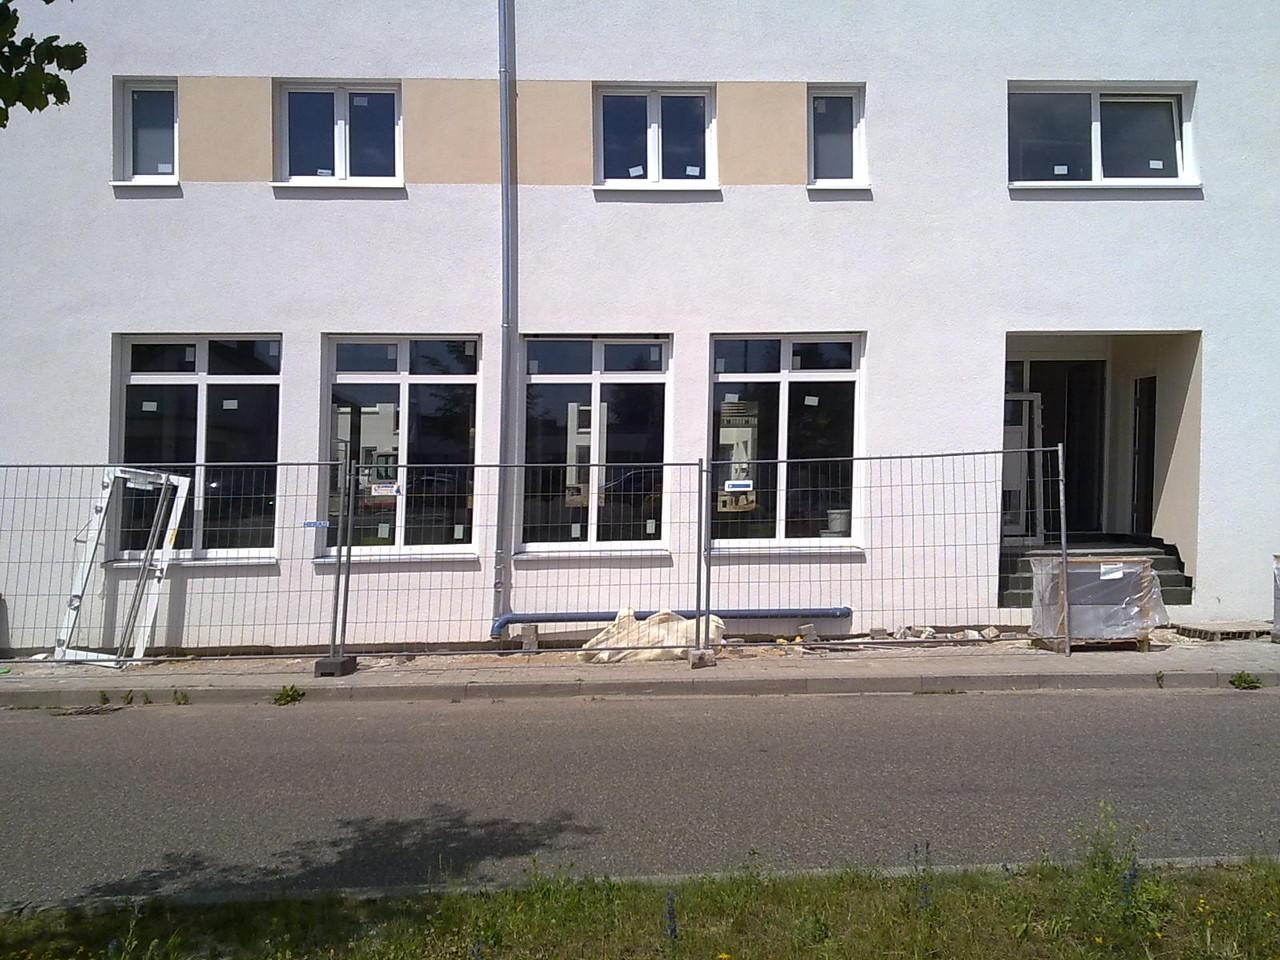 Mai 2012 Nach einem langen Winter, etlichen Behörden- Bank und sonstigen Amtsgesprächen, realisiert sich der Traum Schritt für Schritt und bekommt endlich ein Gesicht  :-)